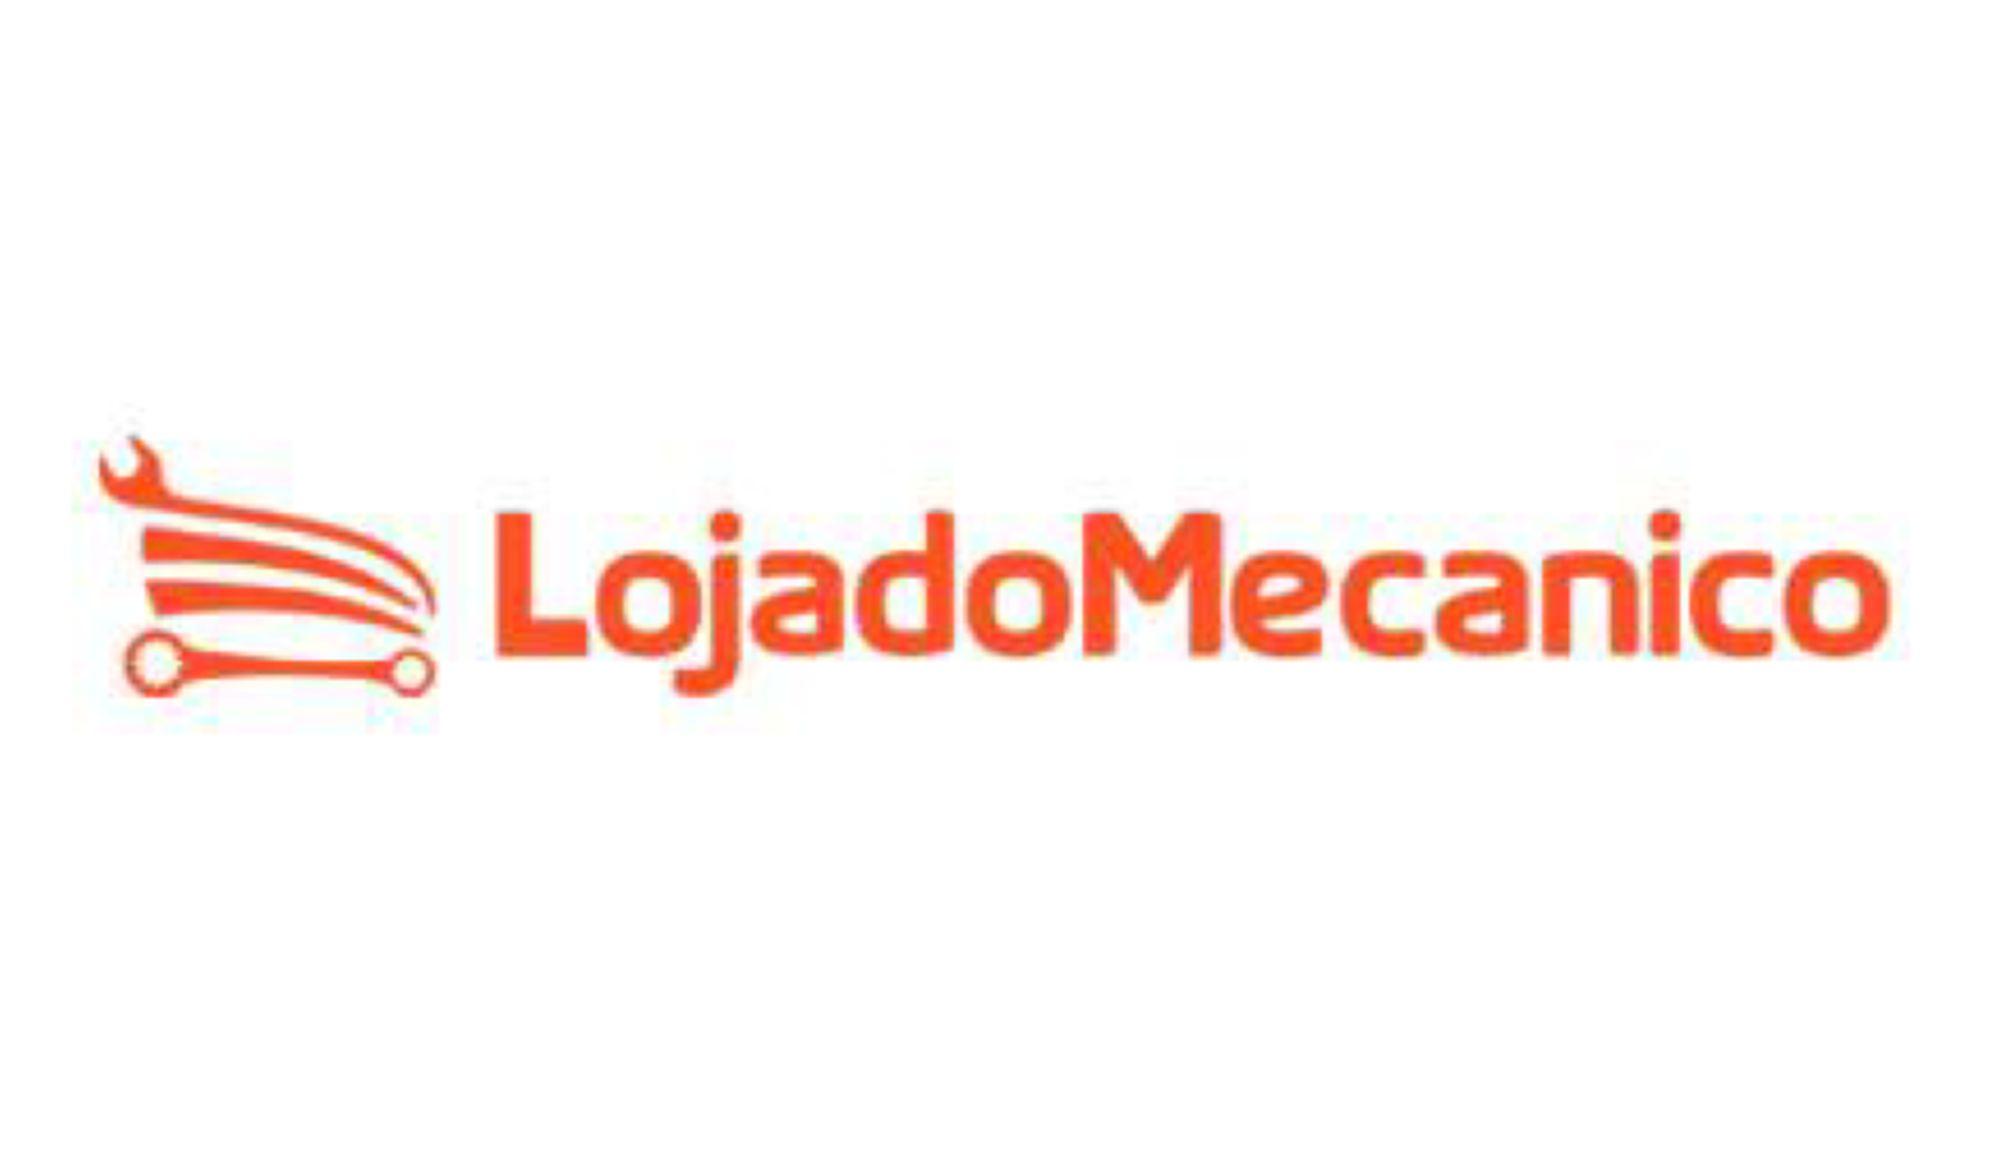 logo_lojadomecanico.jpg